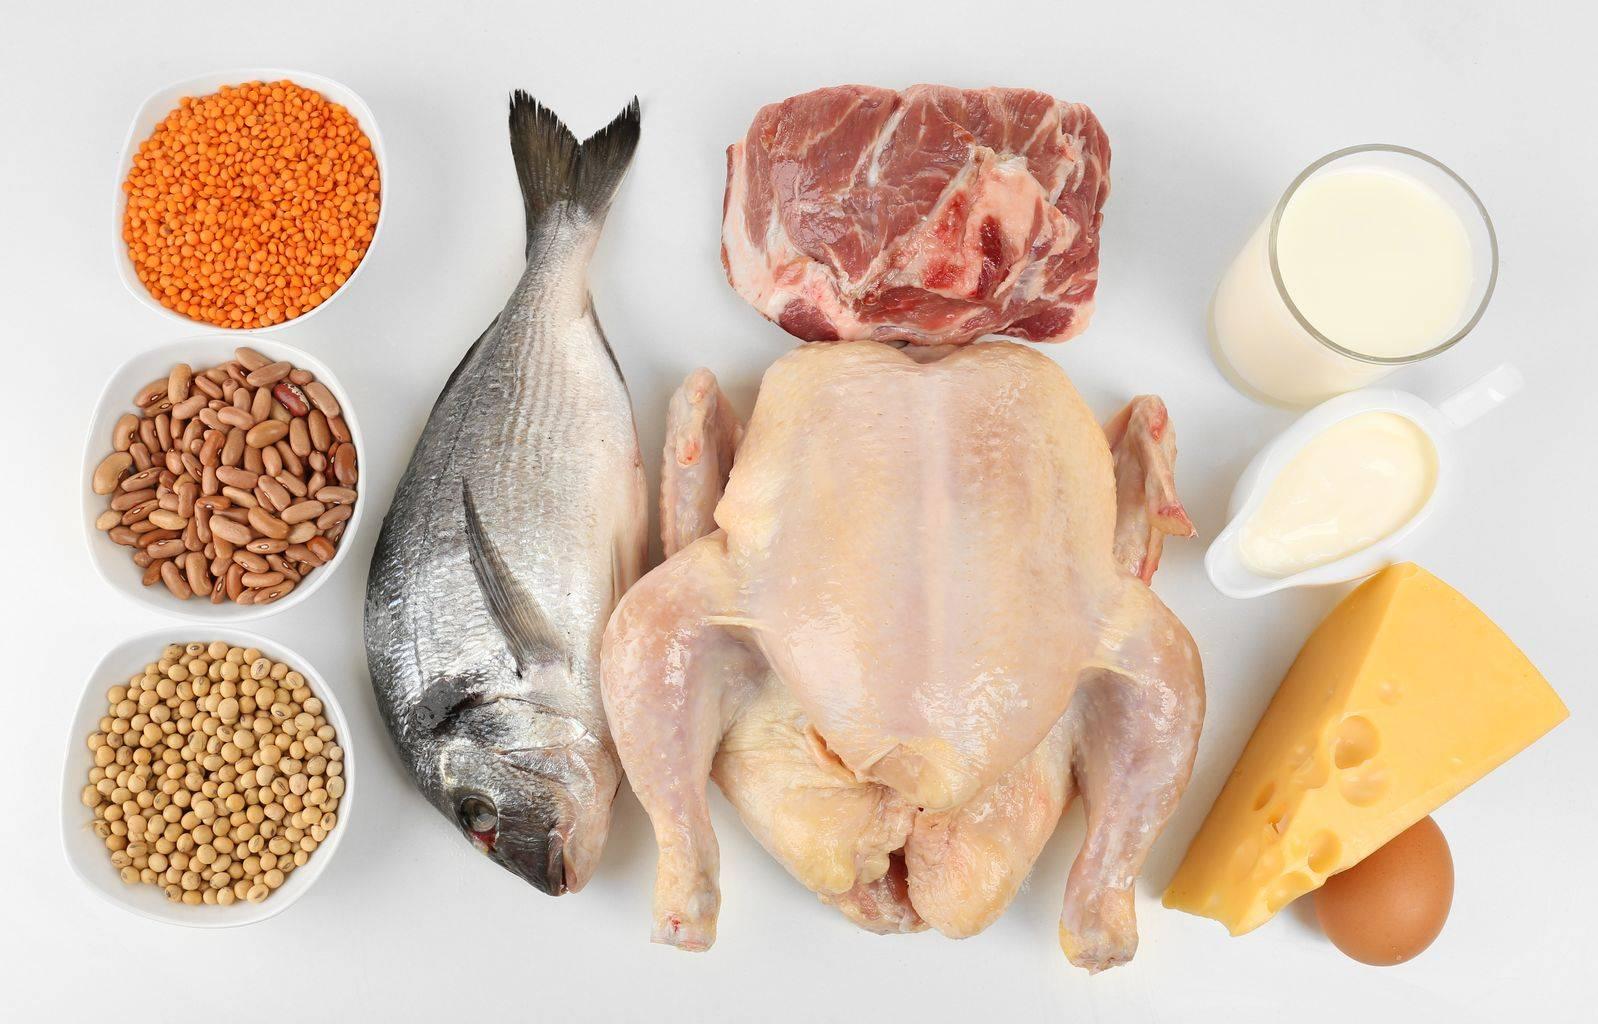 Что нужно есть для роста мышц: питание, продукты, витамины